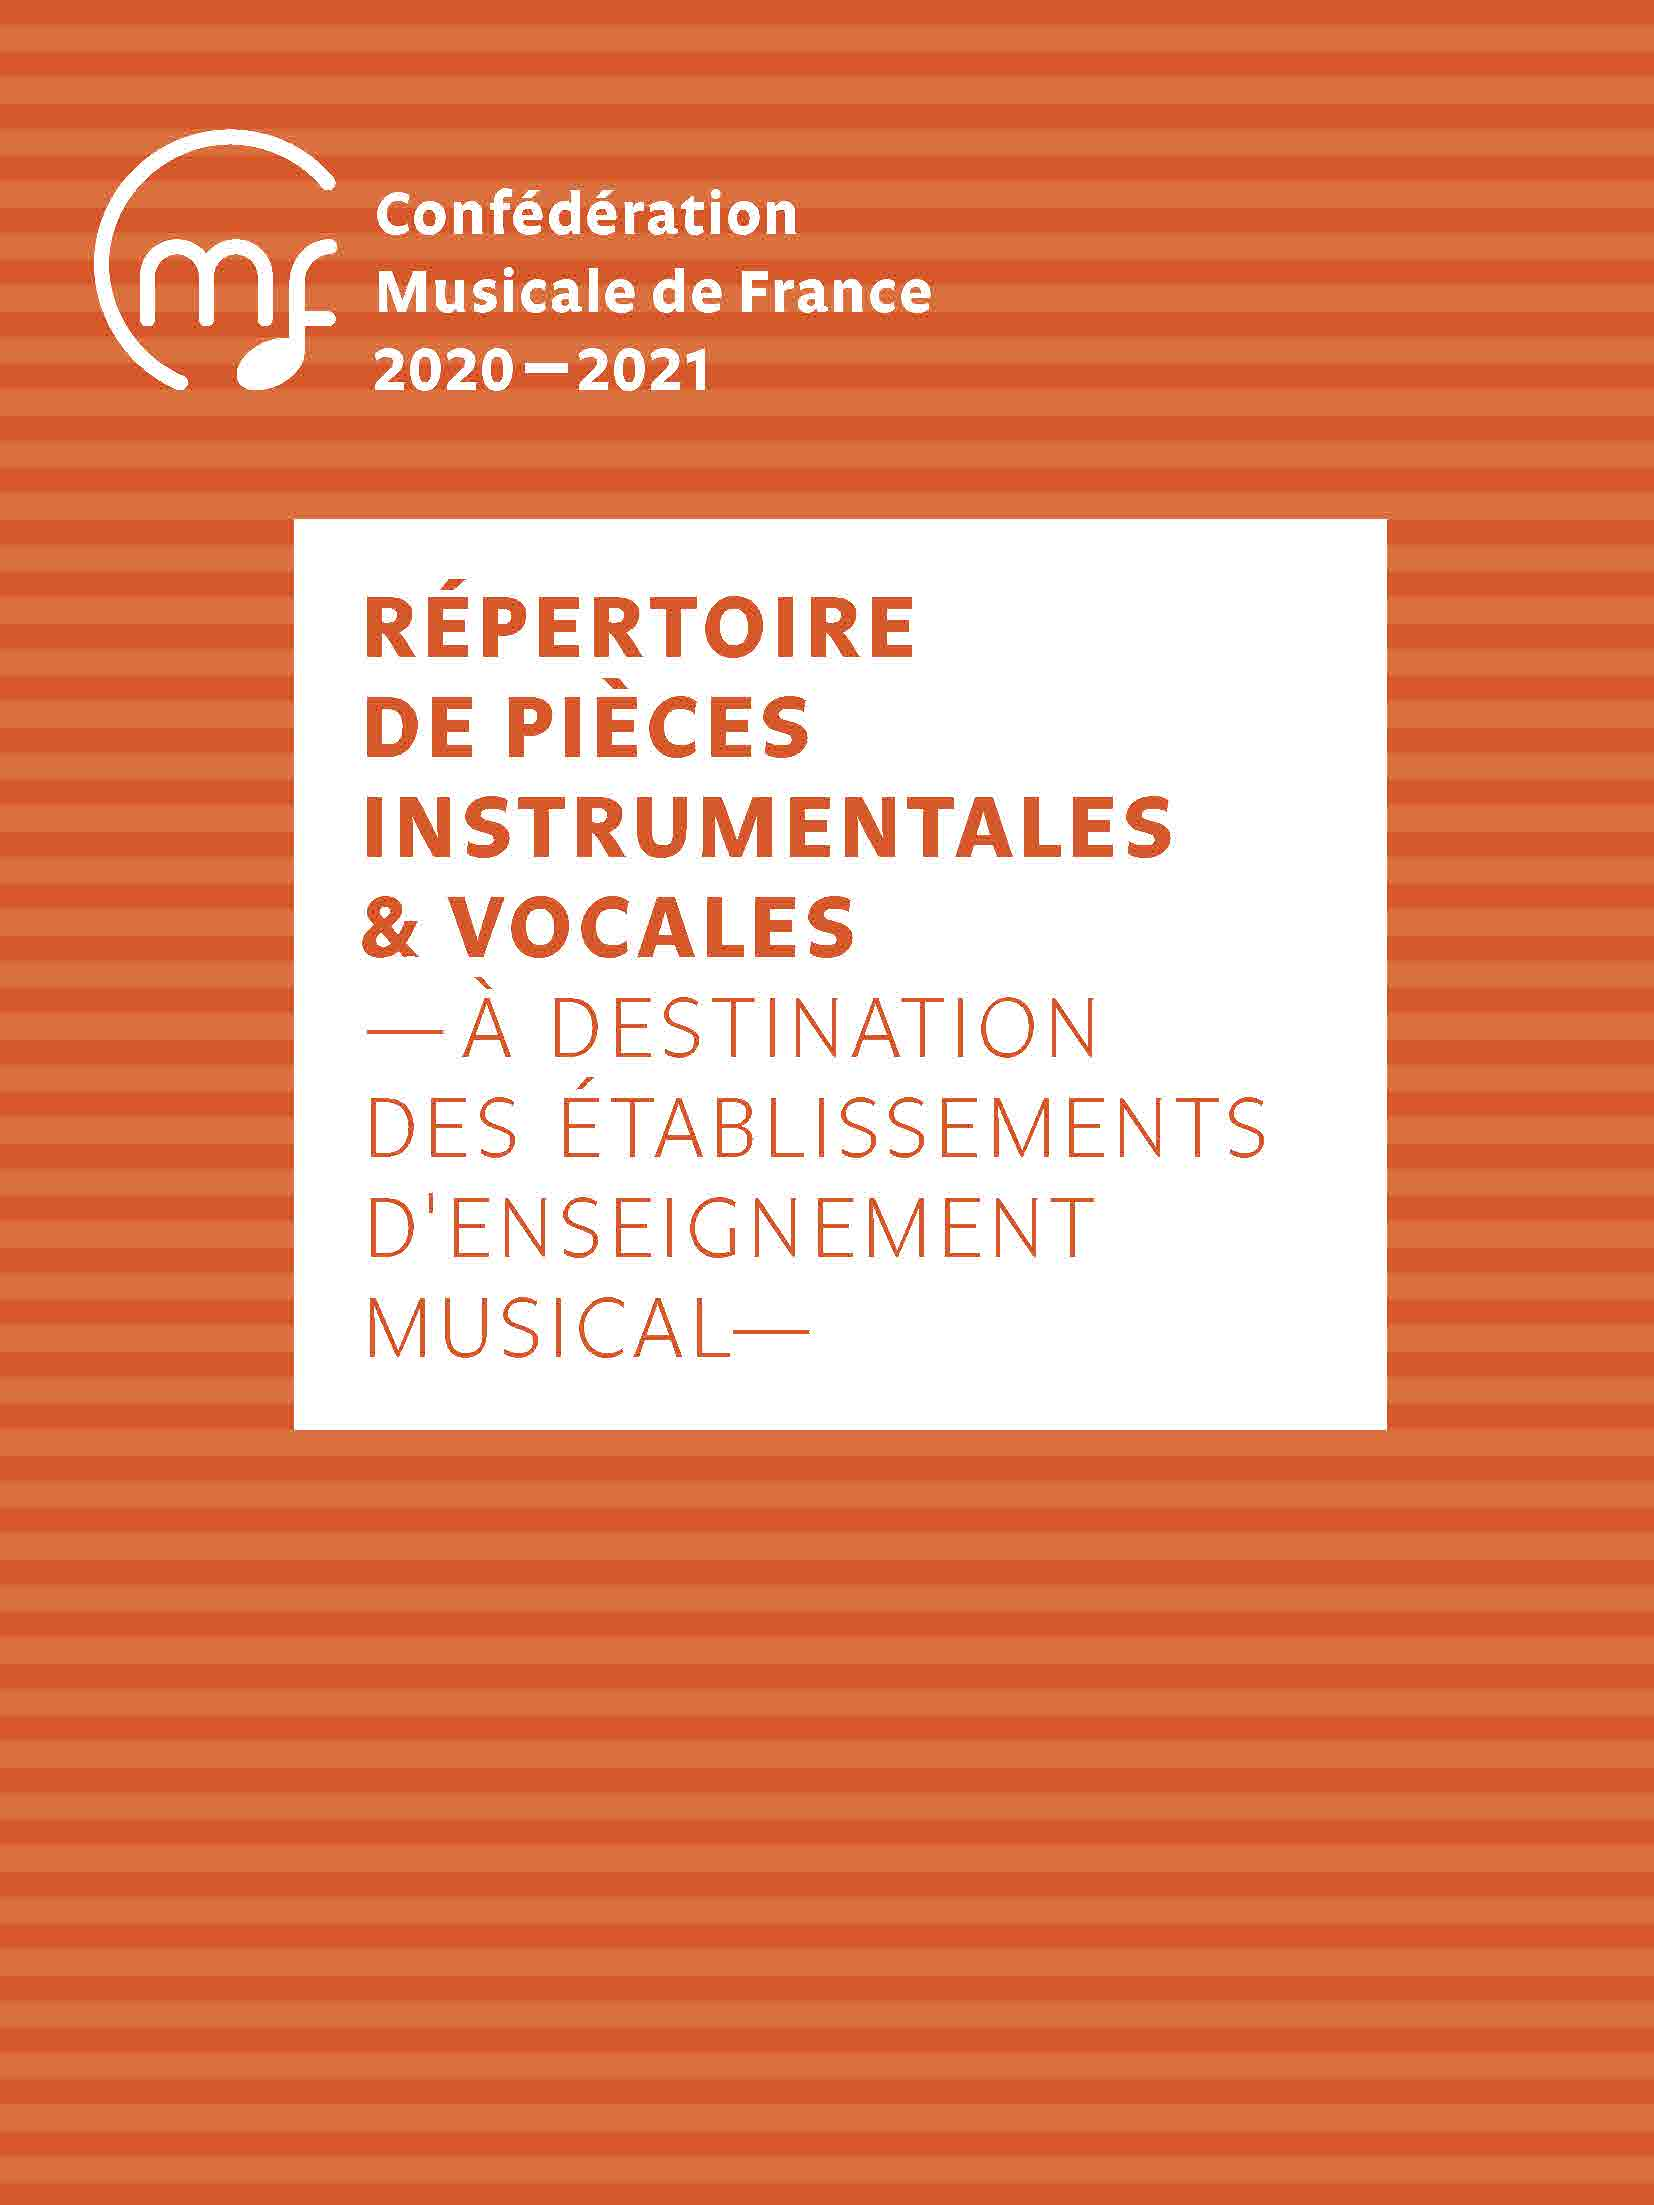 Listes De Pieces Musicales A Destination Des Etablissements D Enseignement Musical V3